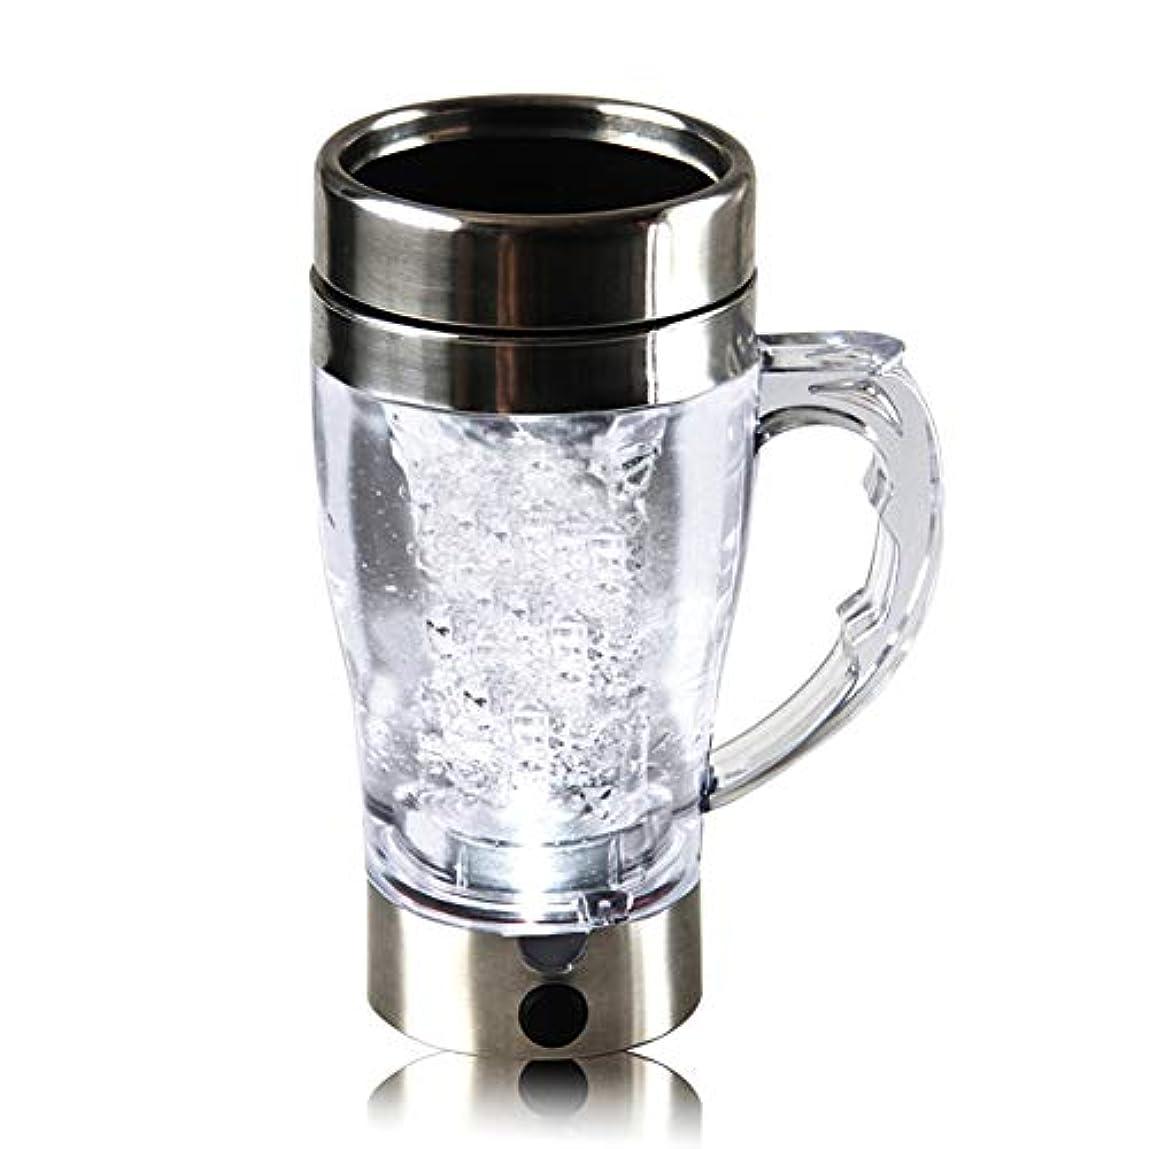 変装コンクリートセンチメンタルWoita 電動プロテインシェーカー充電可能な統合プロテイン貯蔵容器自動混合コーヒーカップ